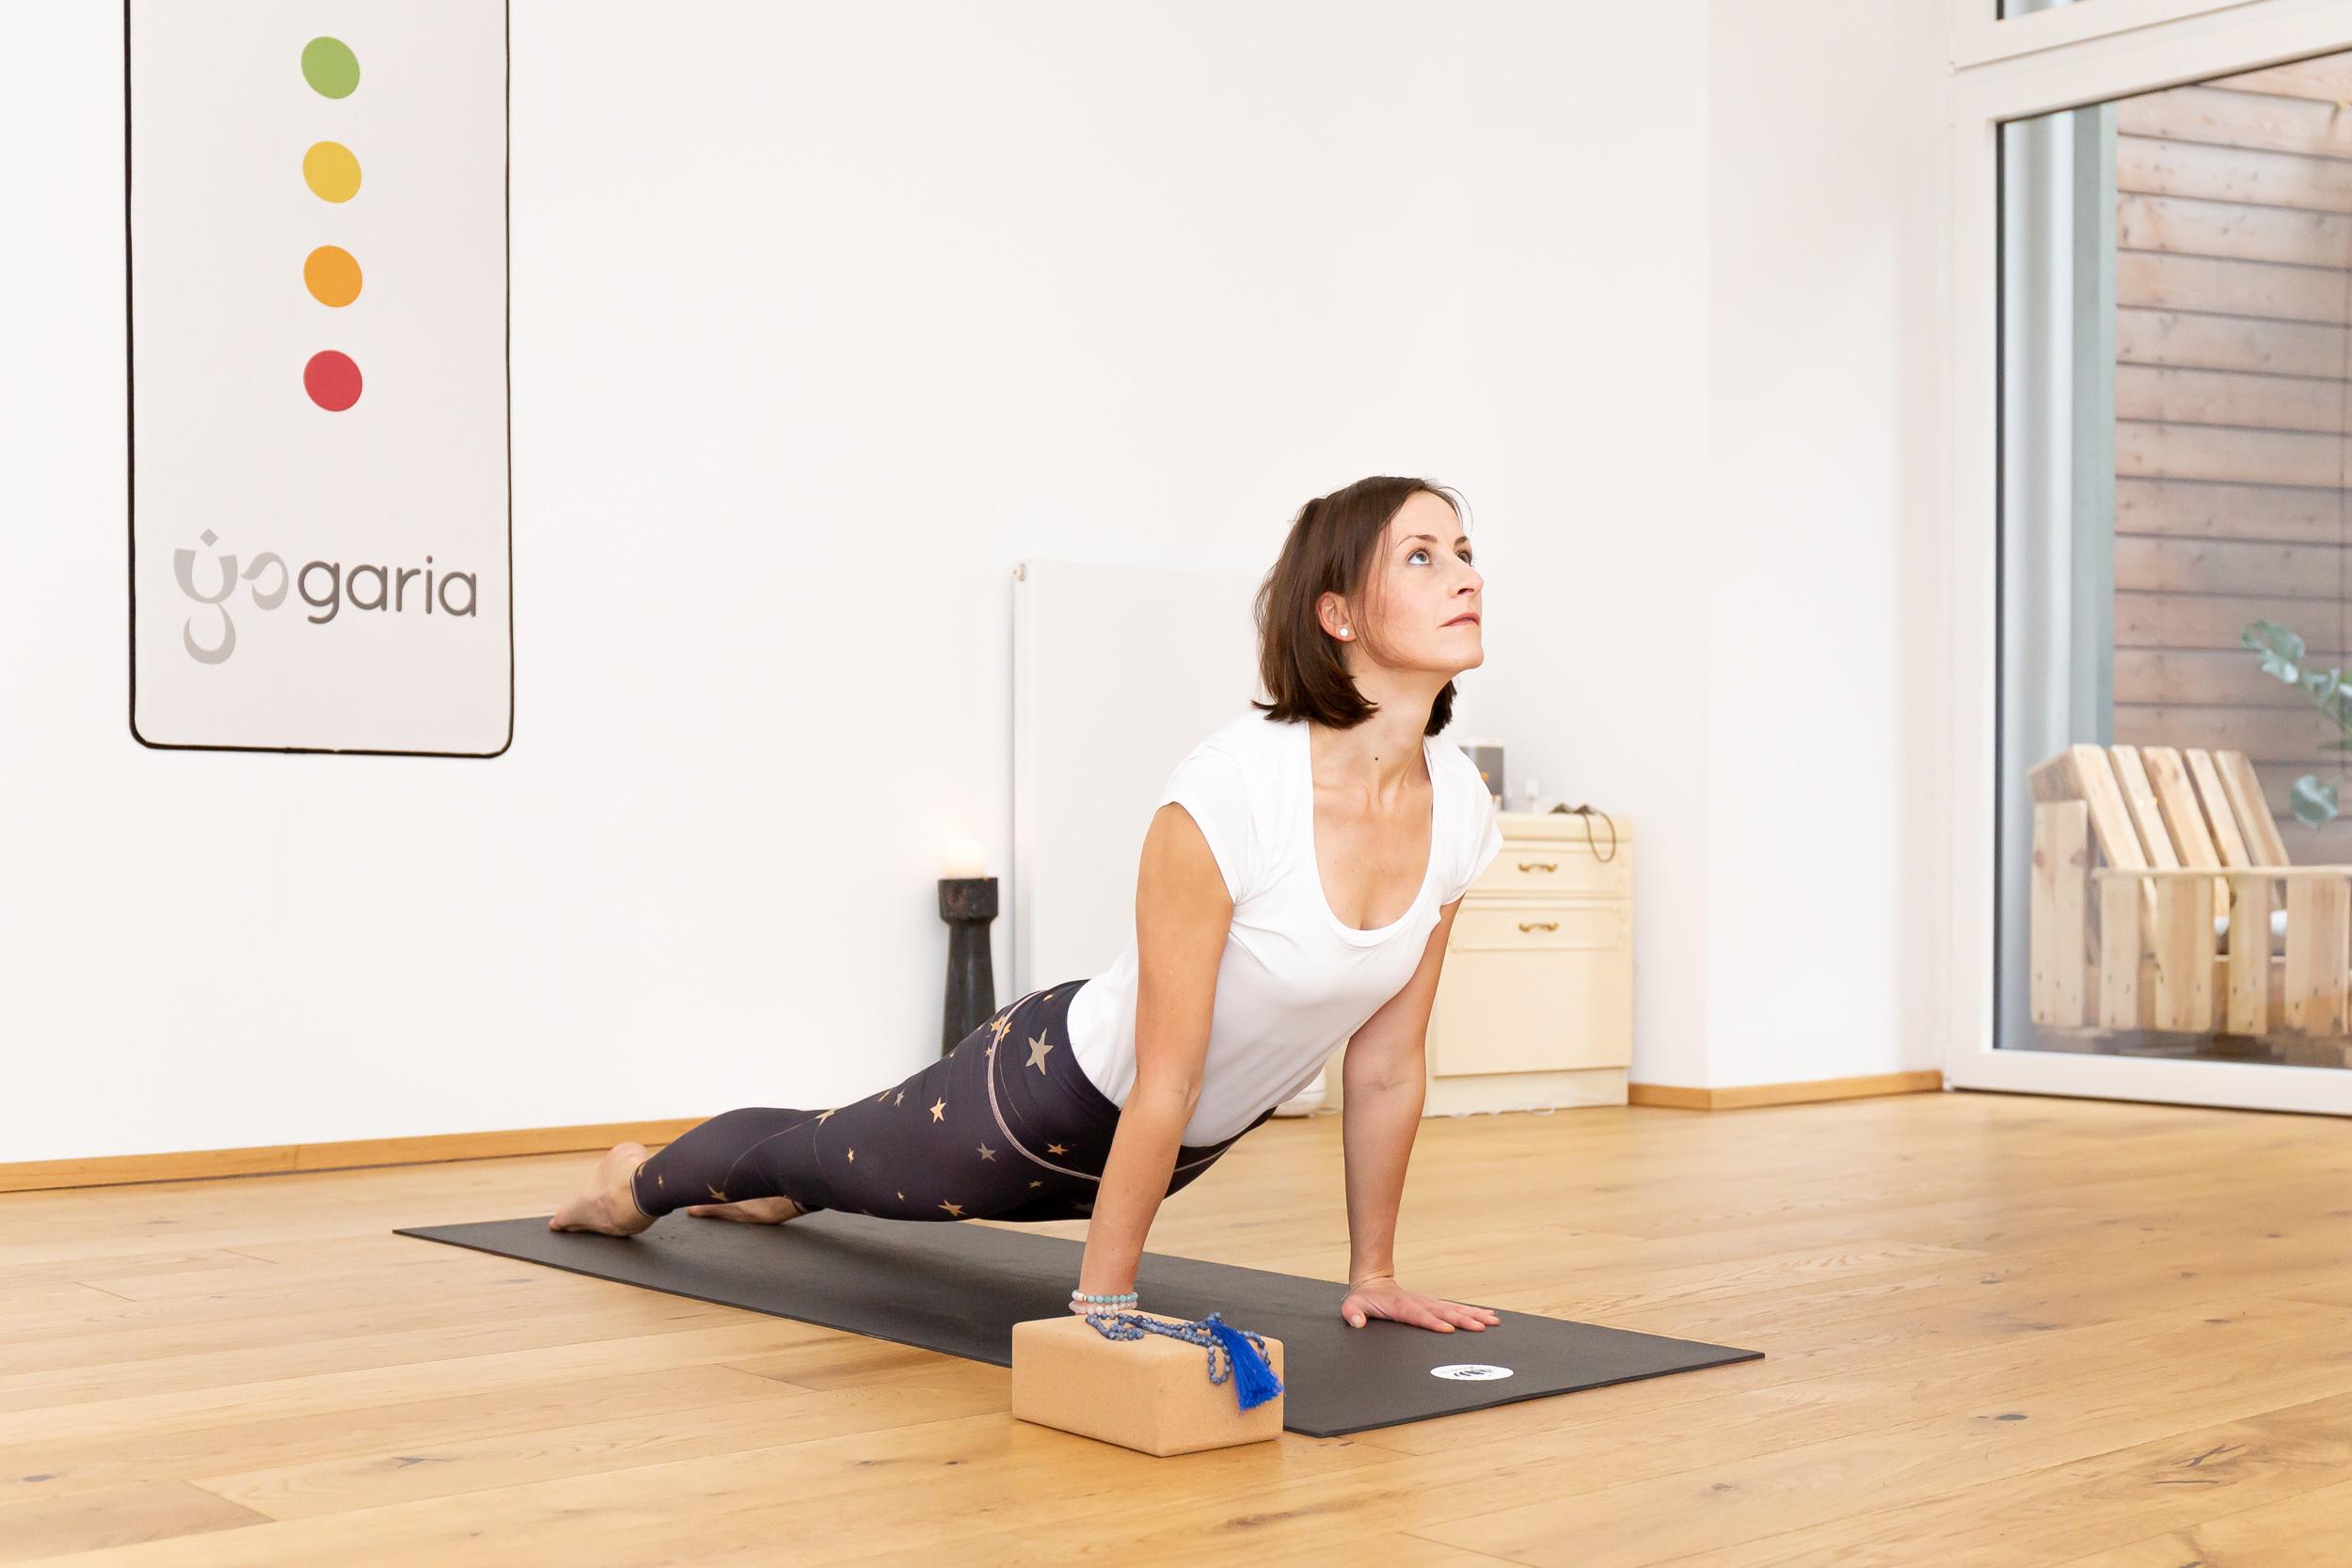 Klaudia in der Pose des aufschauenden Hundes auf der Yogamatte im Yogaraum der Yogaria, im Hintergrund das Logo der Yogaria und vor Klaudia liegt ein Yogablock mit ihrem Yogamala in blau darauf